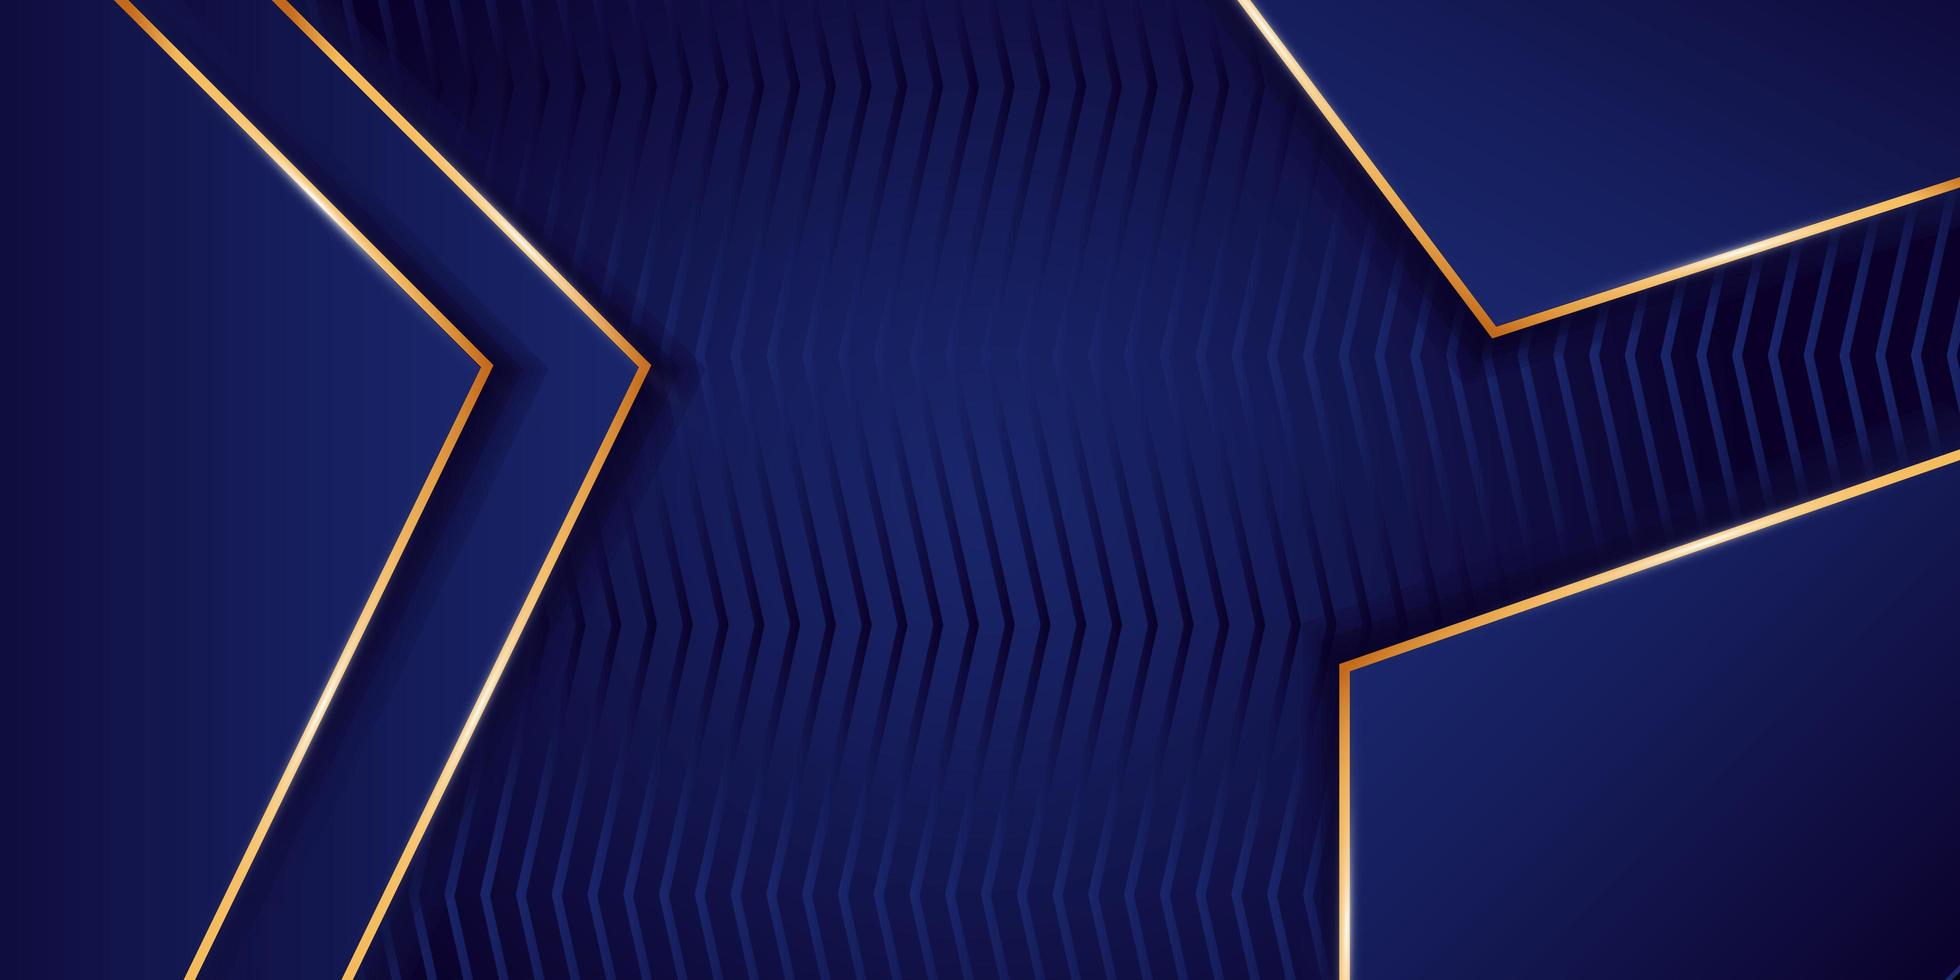 Elegante fondo azul y dorado vector